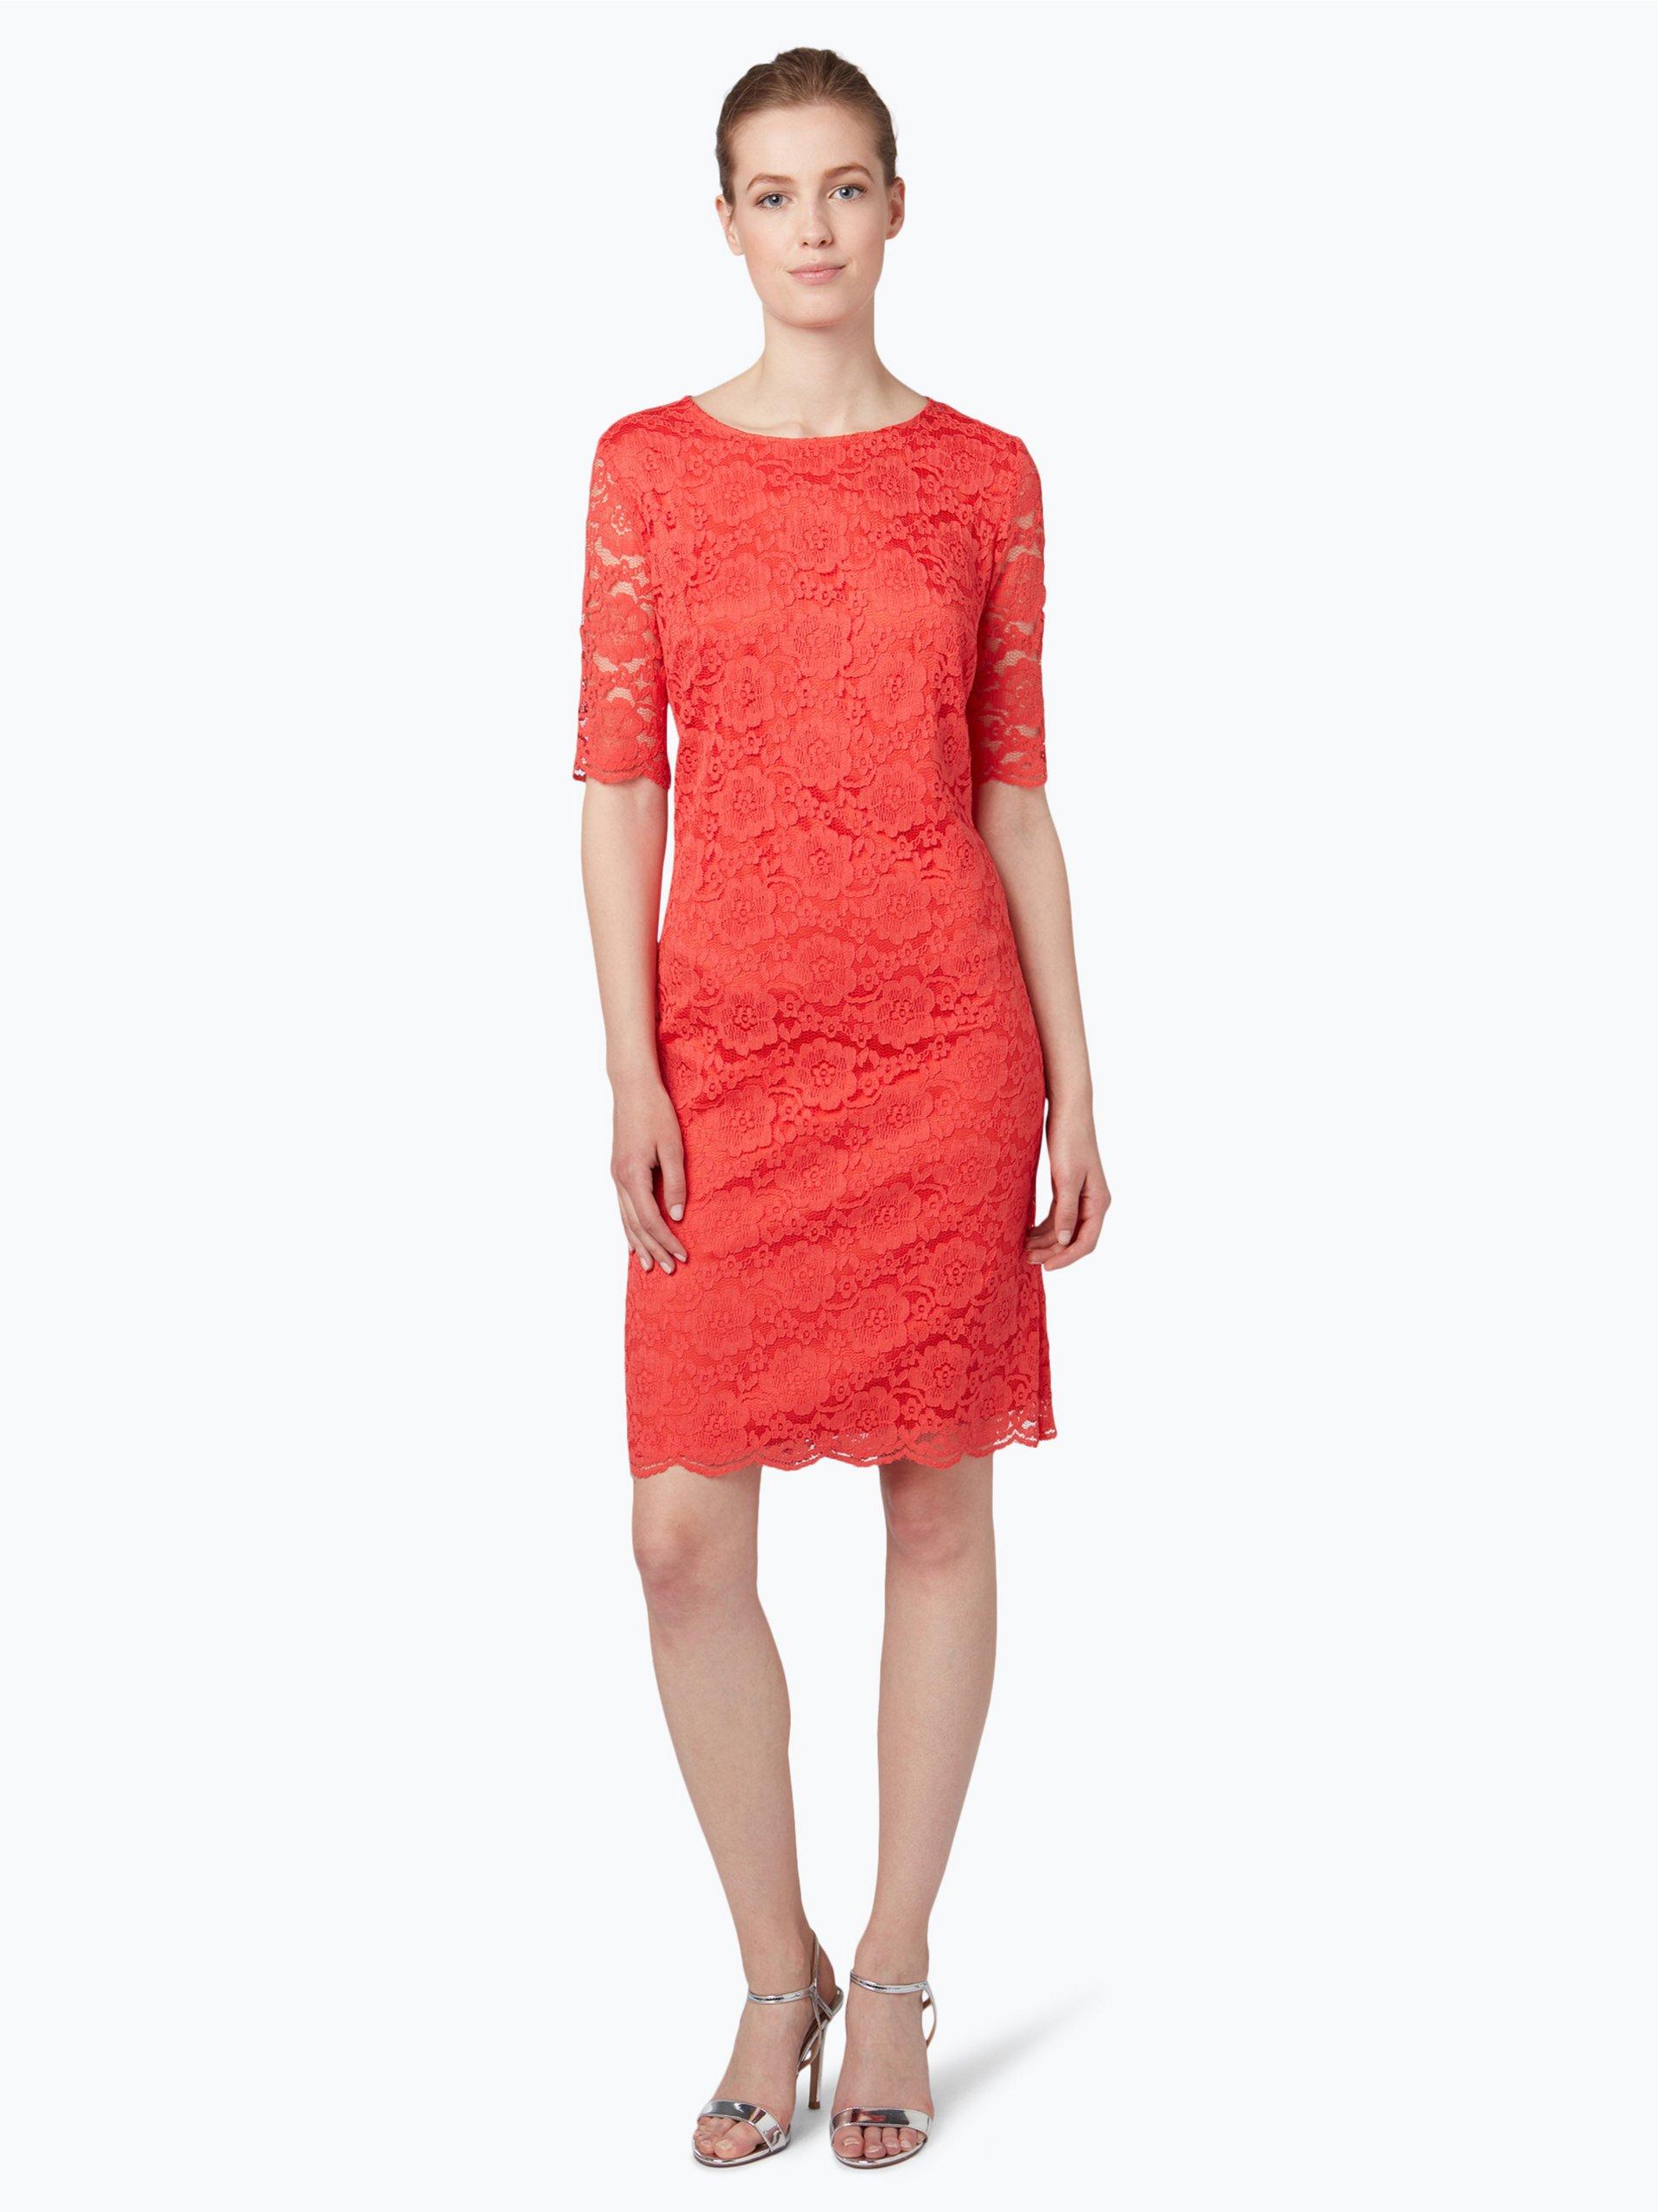 Gerry Weber Damen Kleid - Nautic Breeze Trend